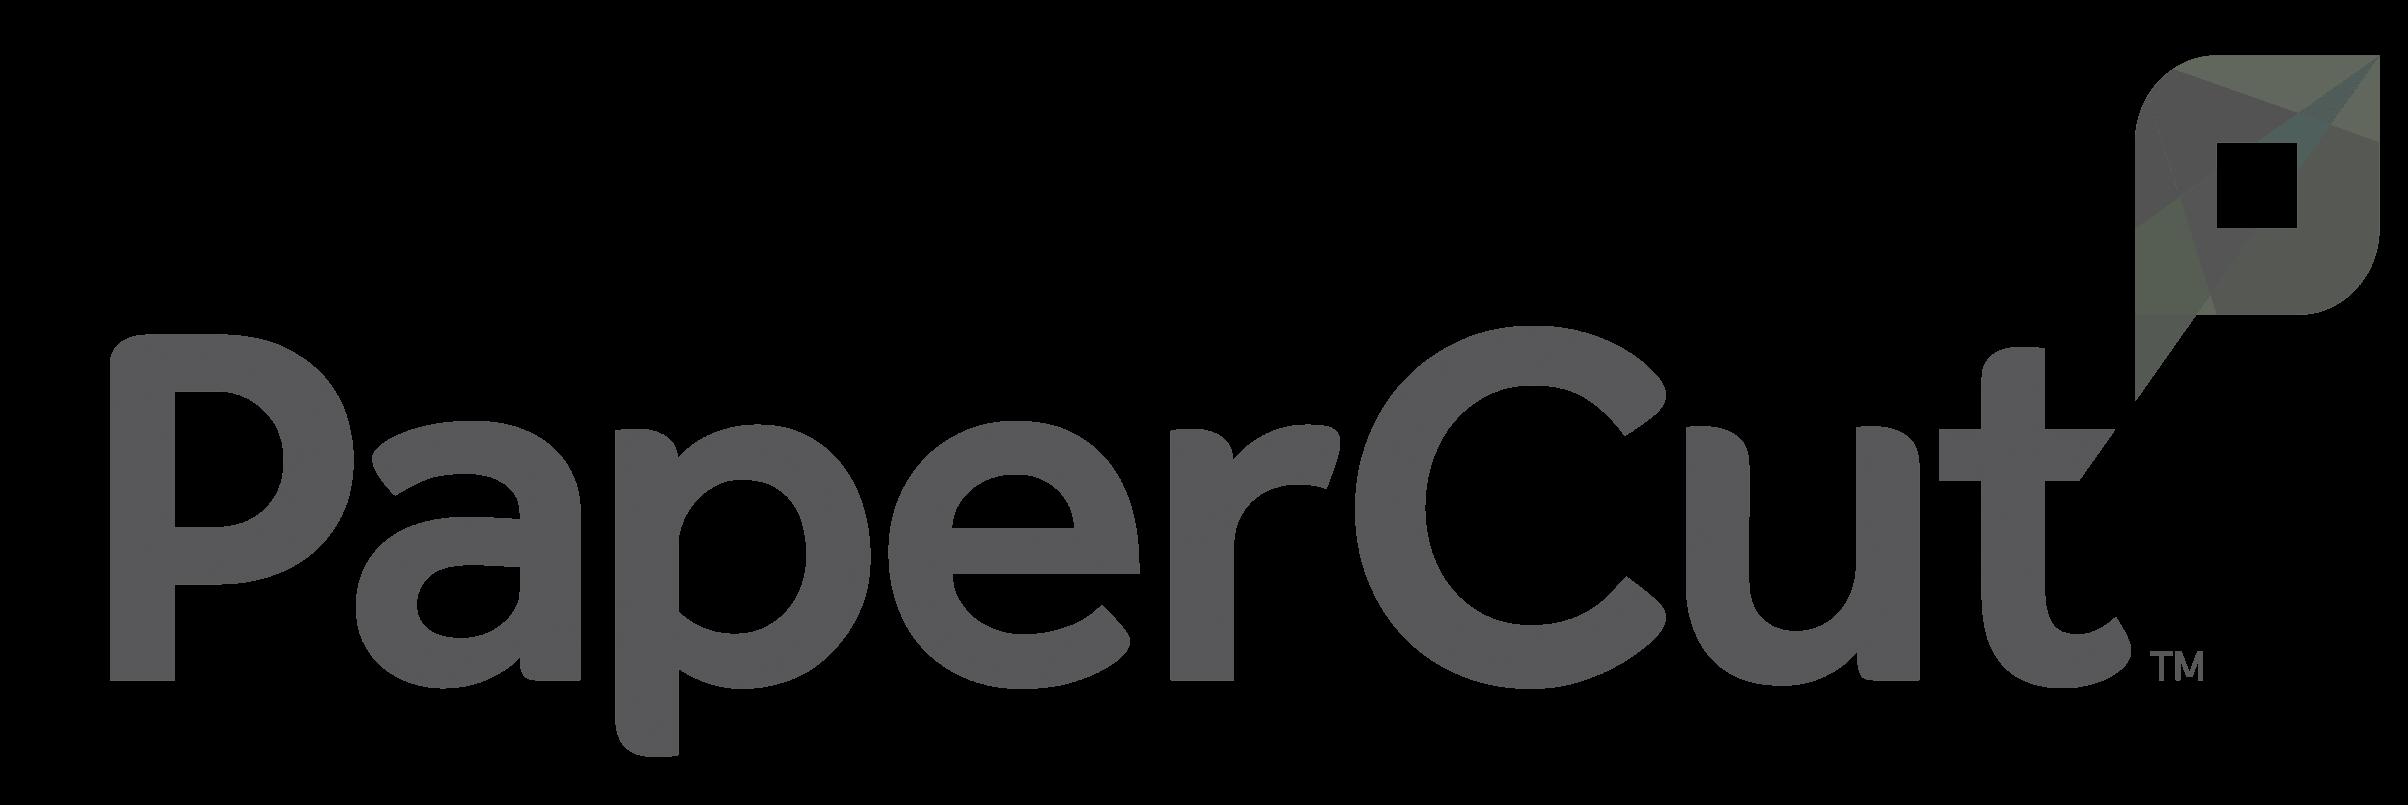 papercut-logo grey